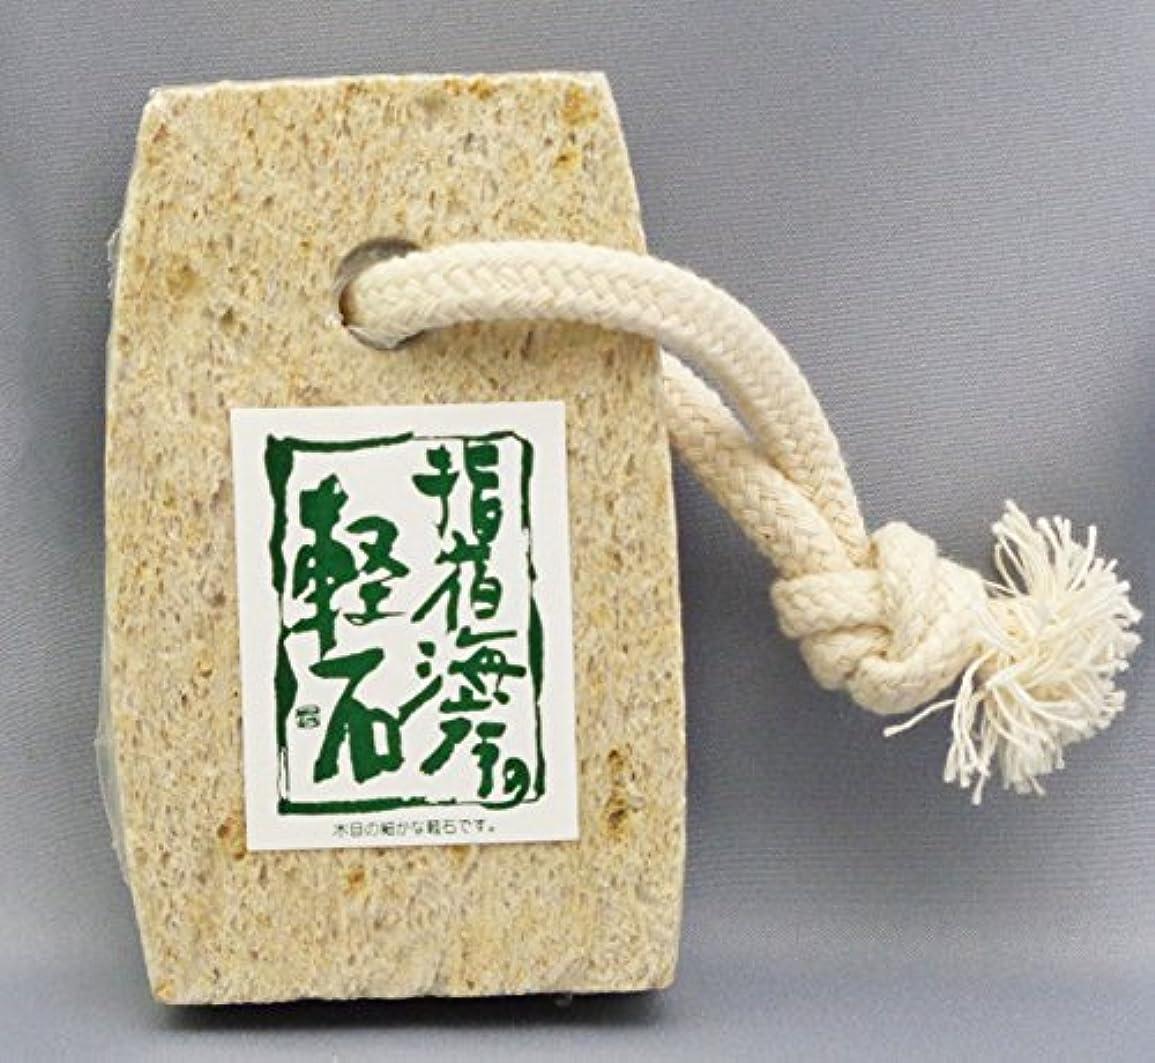 句立ち寄るうまシオザキ No.3 中判軽石 (ヒモ付き)指宿の軽石